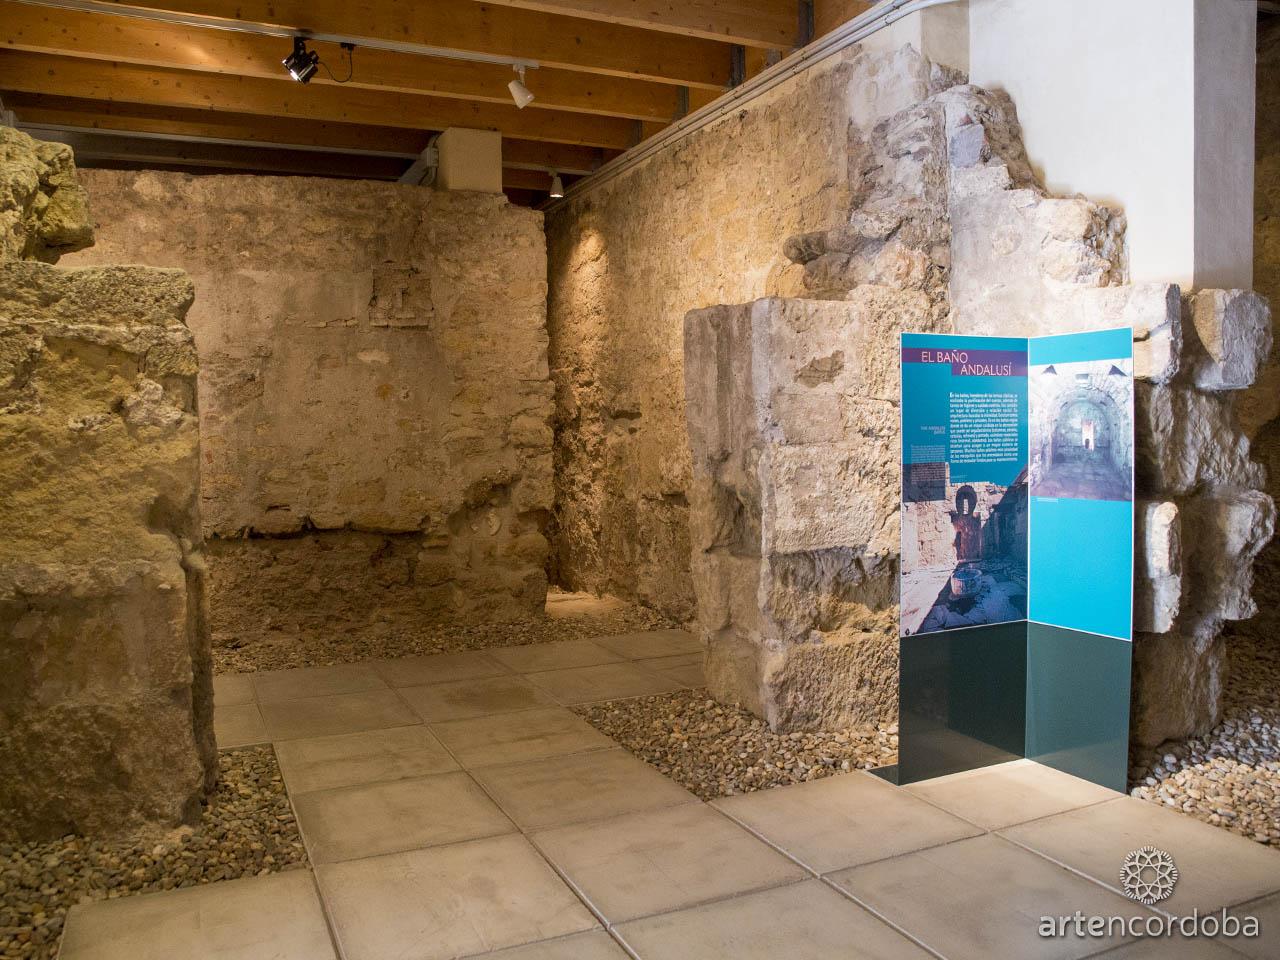 Sala dedicada al 'Baño Andalusí' en los Baños Árabes del Alcázar Califal (Baños Califales) de Córdoba